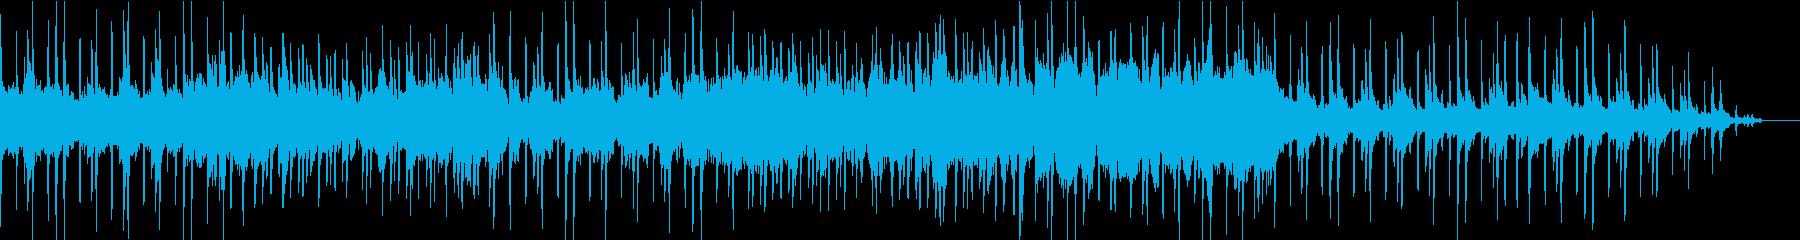 未来を奏でる二胡の旋律から始まるBGMの再生済みの波形